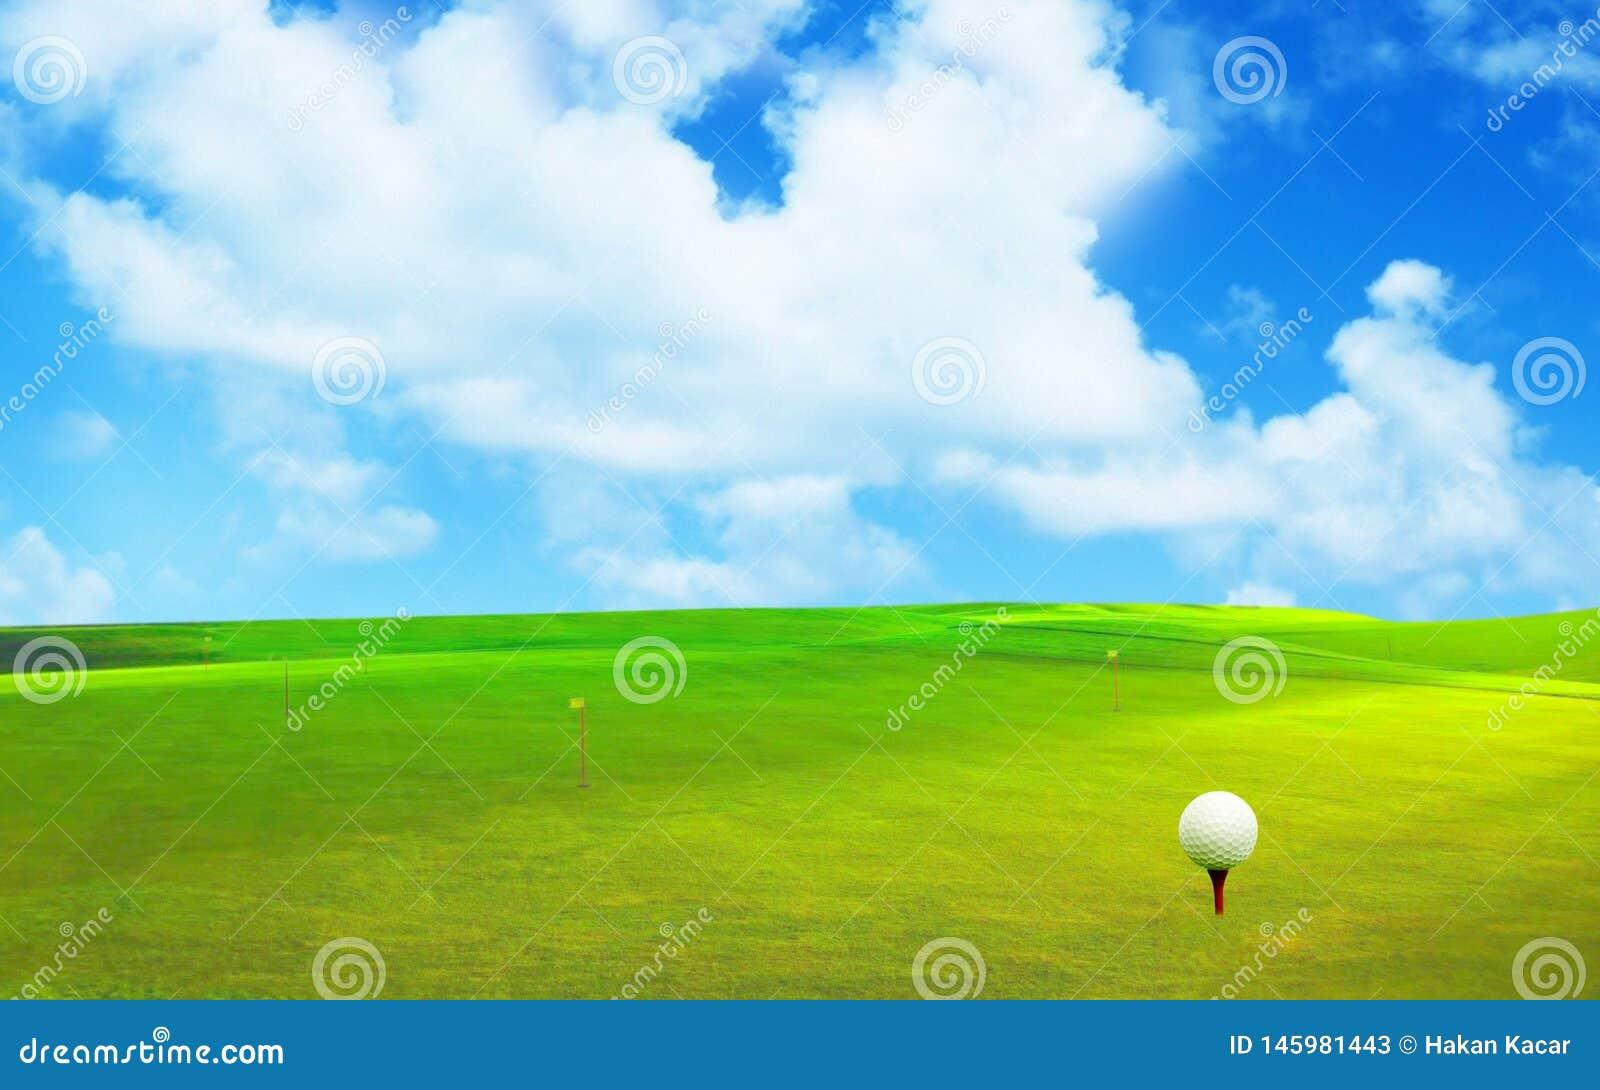 3D rendering, golf ball,